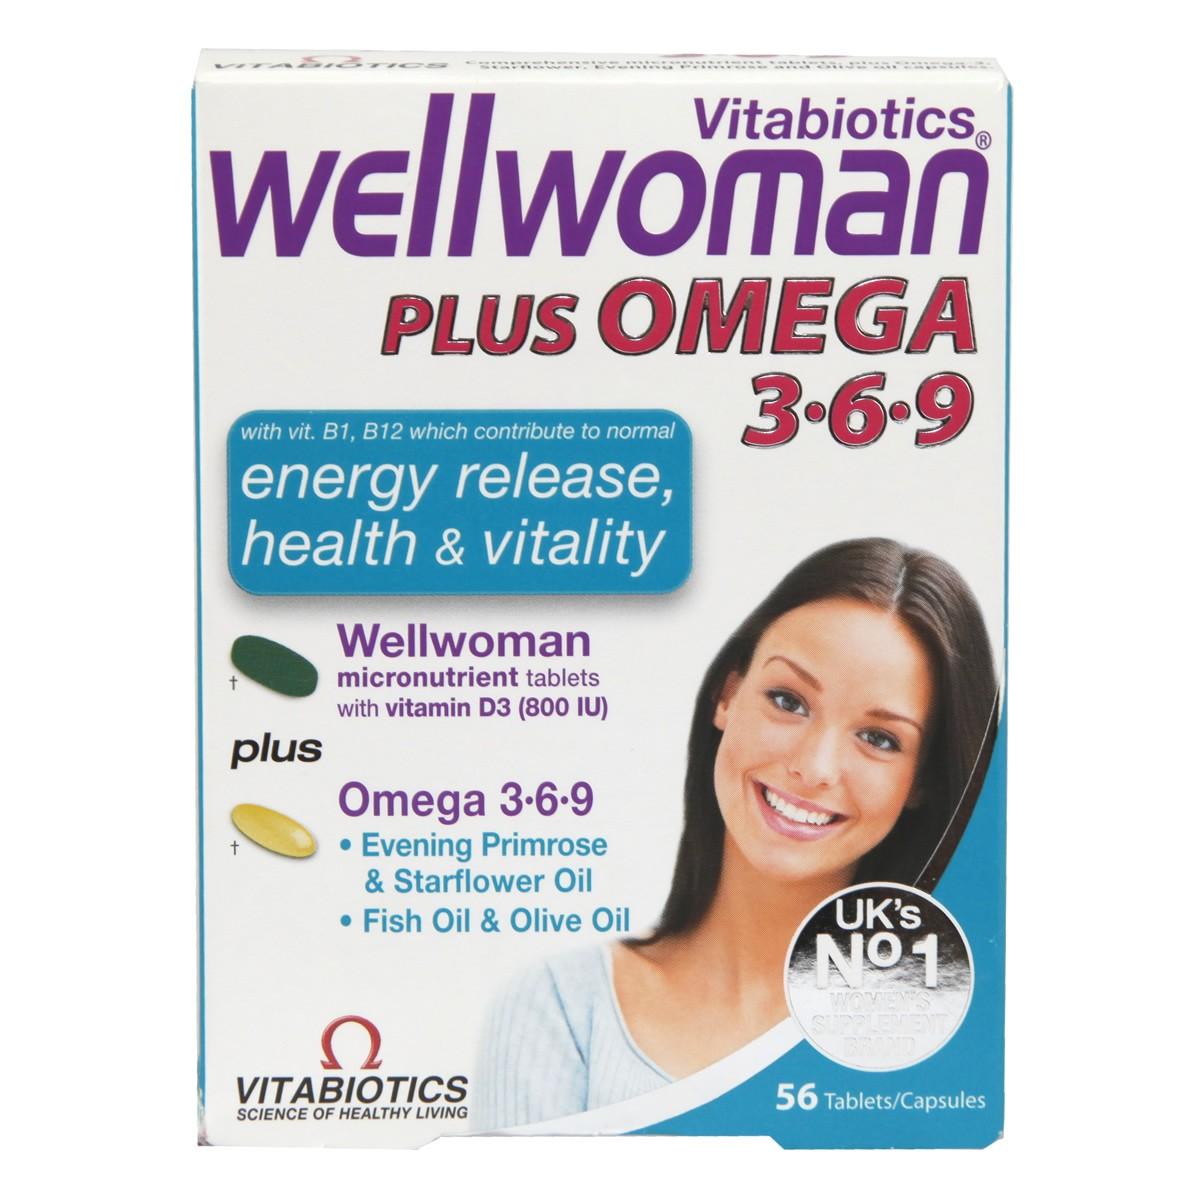 Echemist Co Uk Vitabiotics Wellwoman Plus Omega 3 6 9